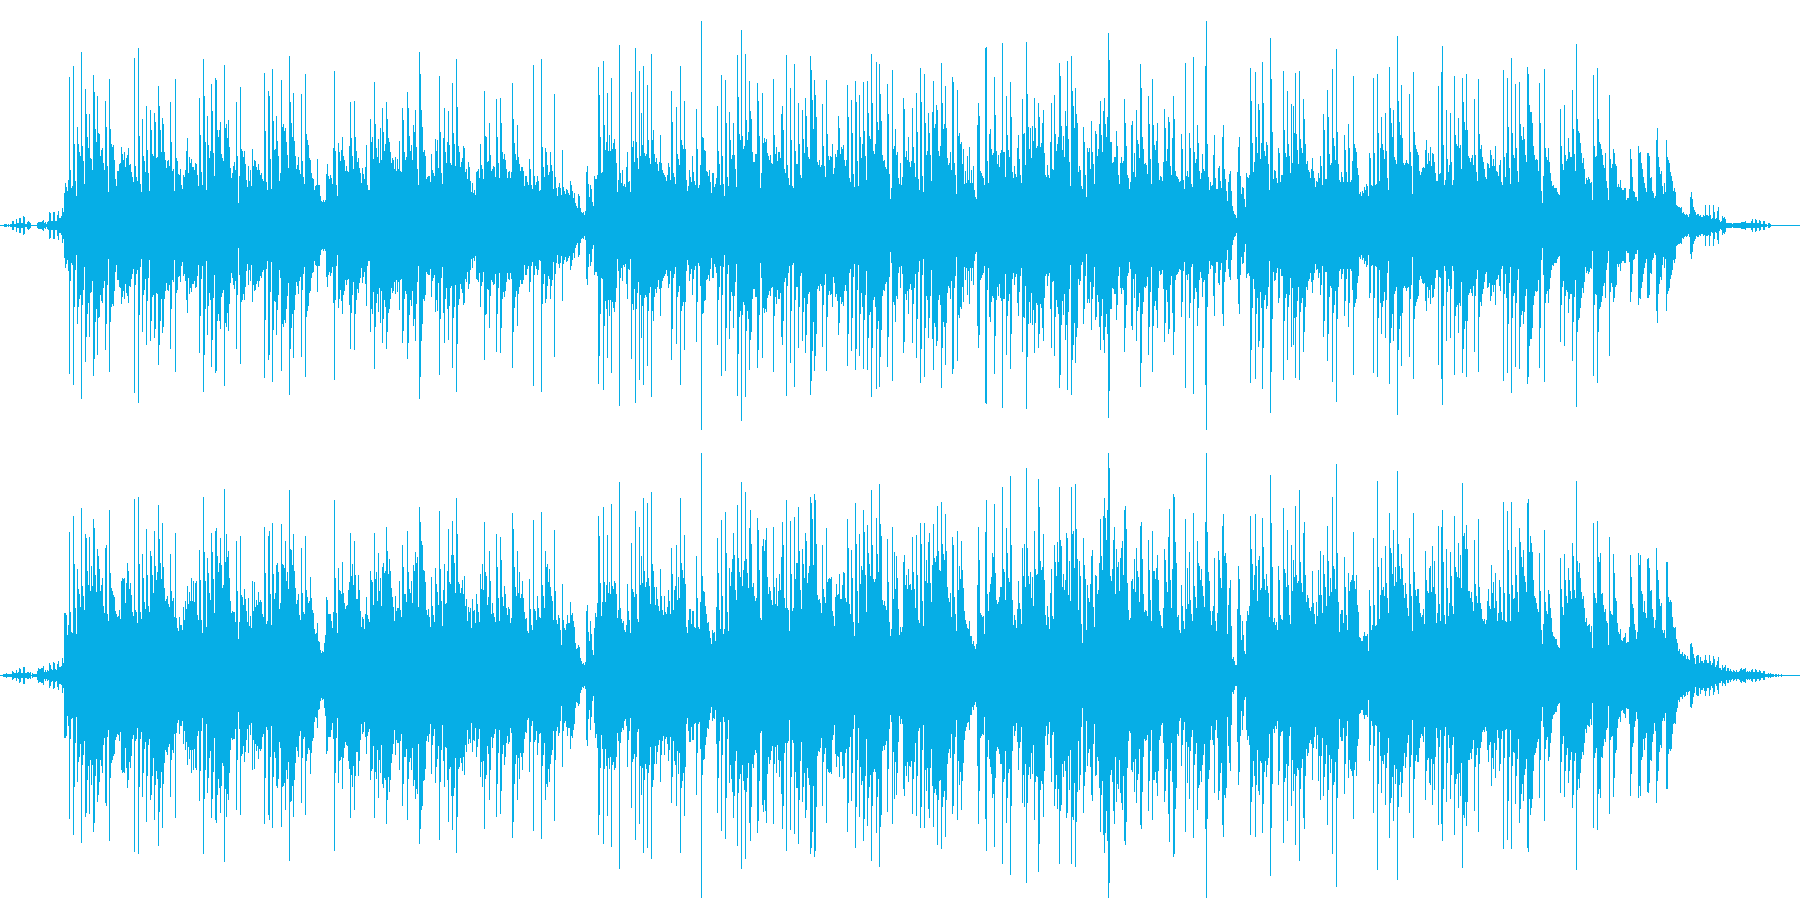 環境音 鳥 爽やか 癒し系 映像用の再生済みの波形